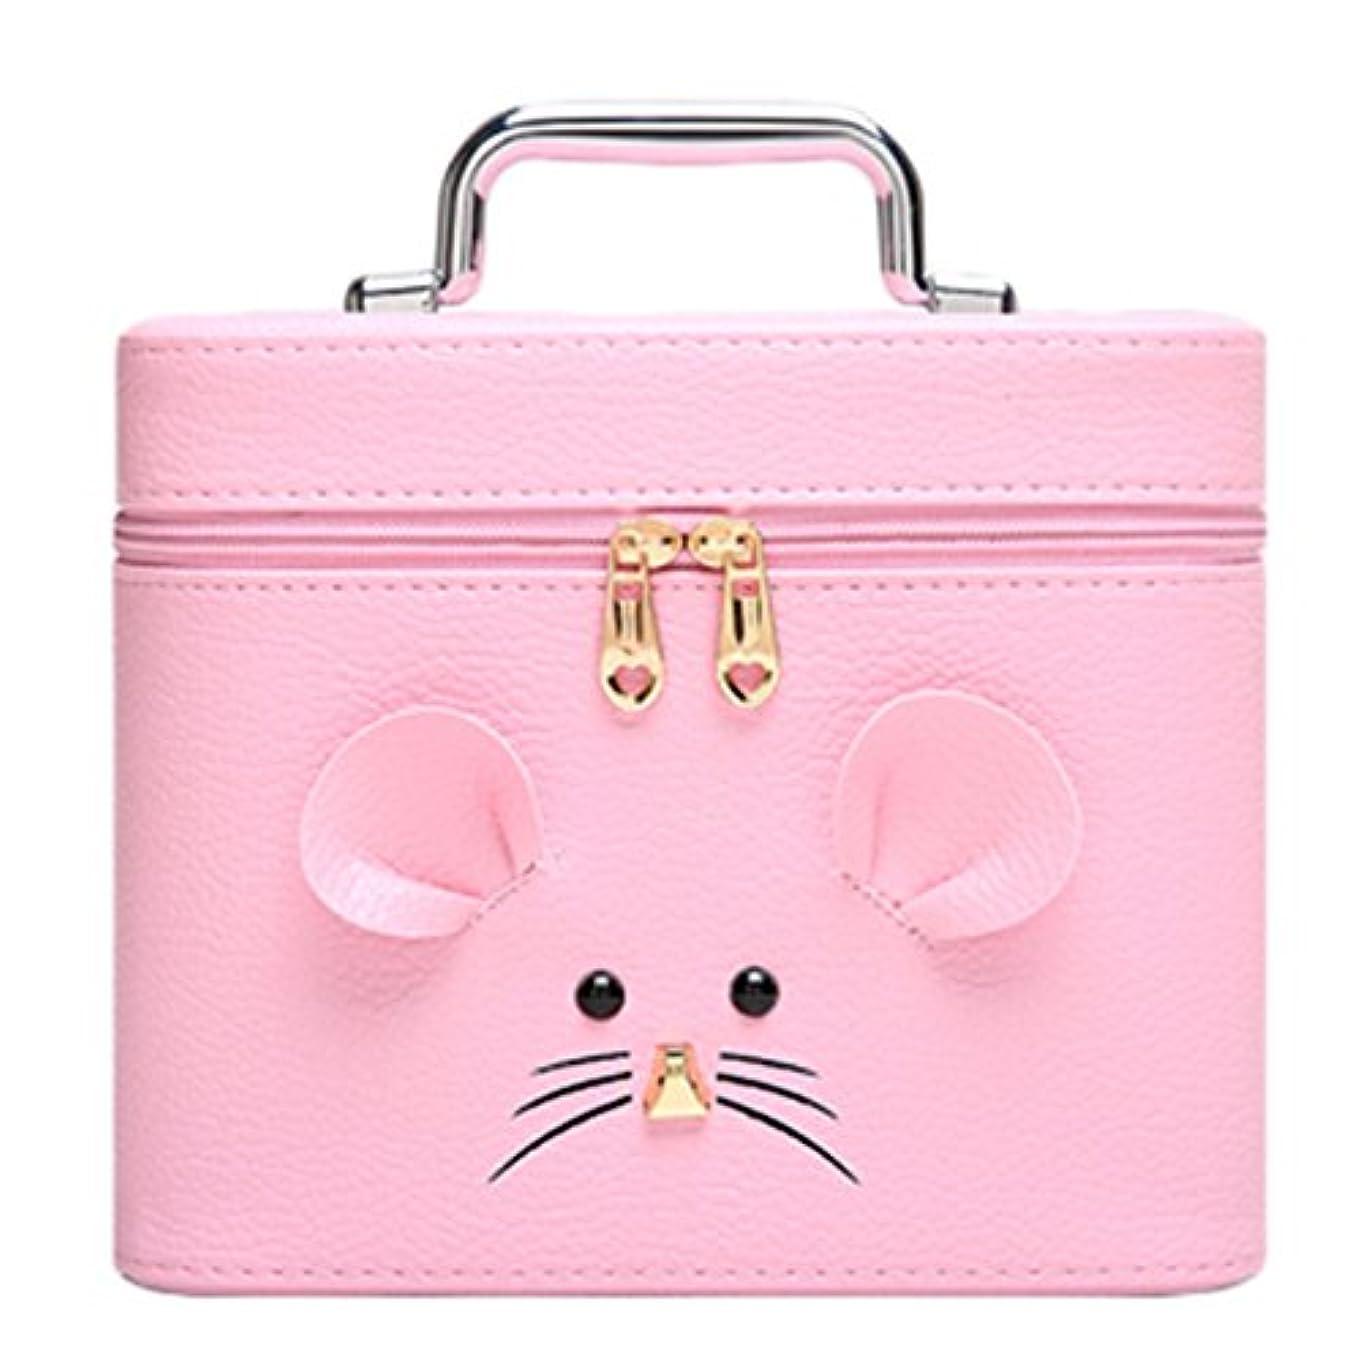 ステレオアート読みやすさ化粧オーガナイザーバッグ ジッパーと化粧鏡で小さなものの種類の旅行のための美容メイクアップのためのピンクのポータブル化粧品バッグ 化粧品ケース